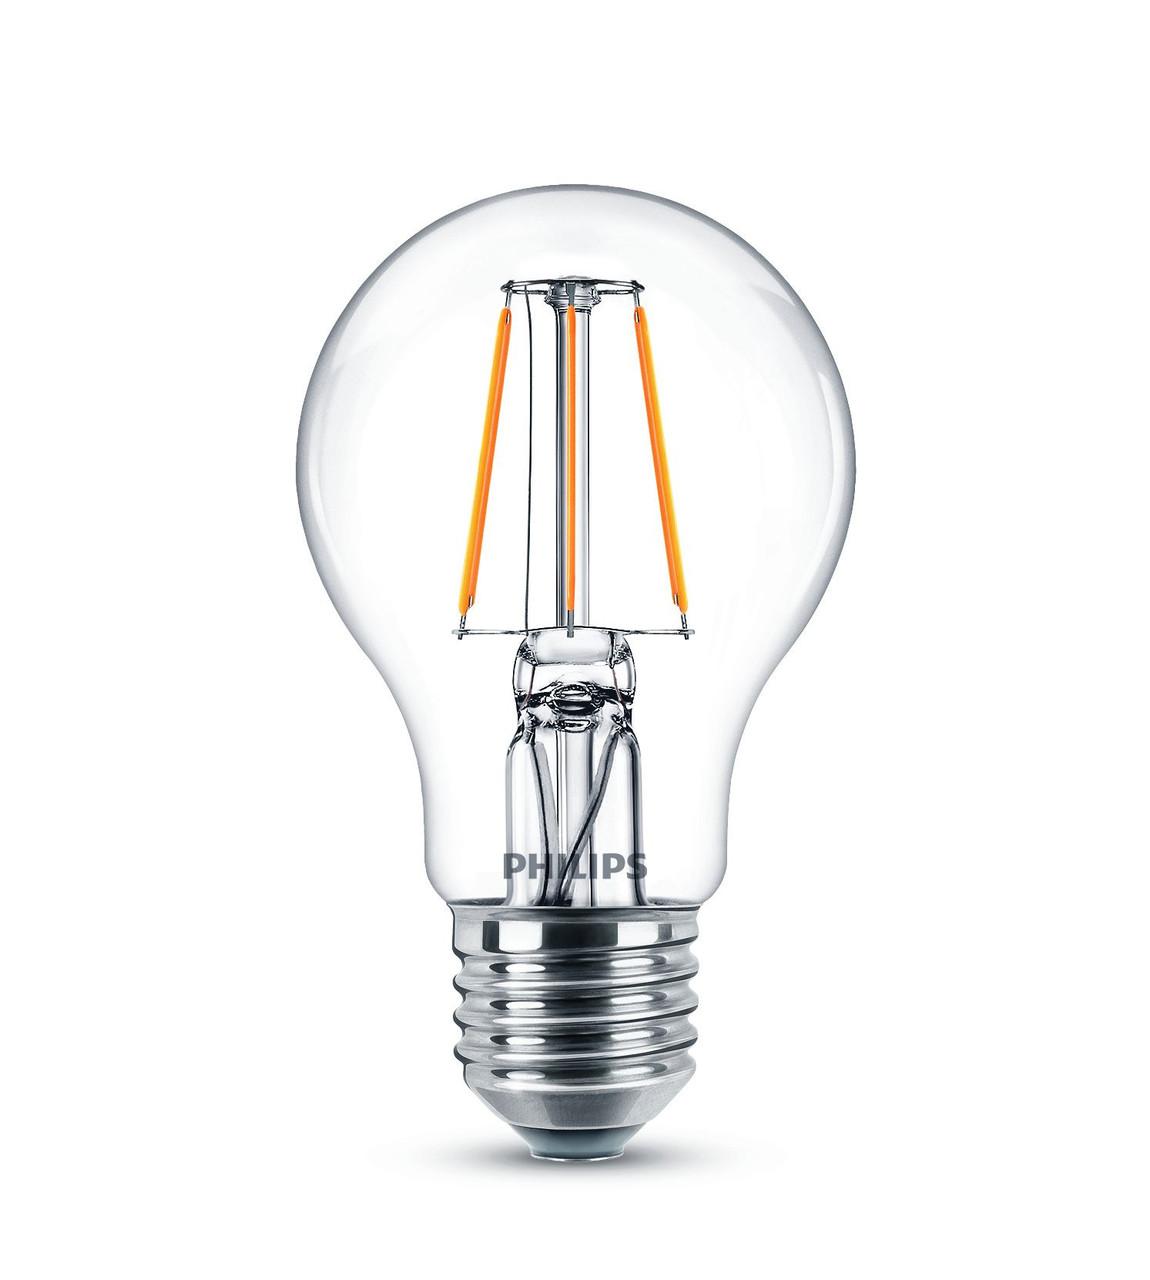 929001974608/871869962307400 Лампа LED Classic 6-60W A60 E27 865 CLNDA